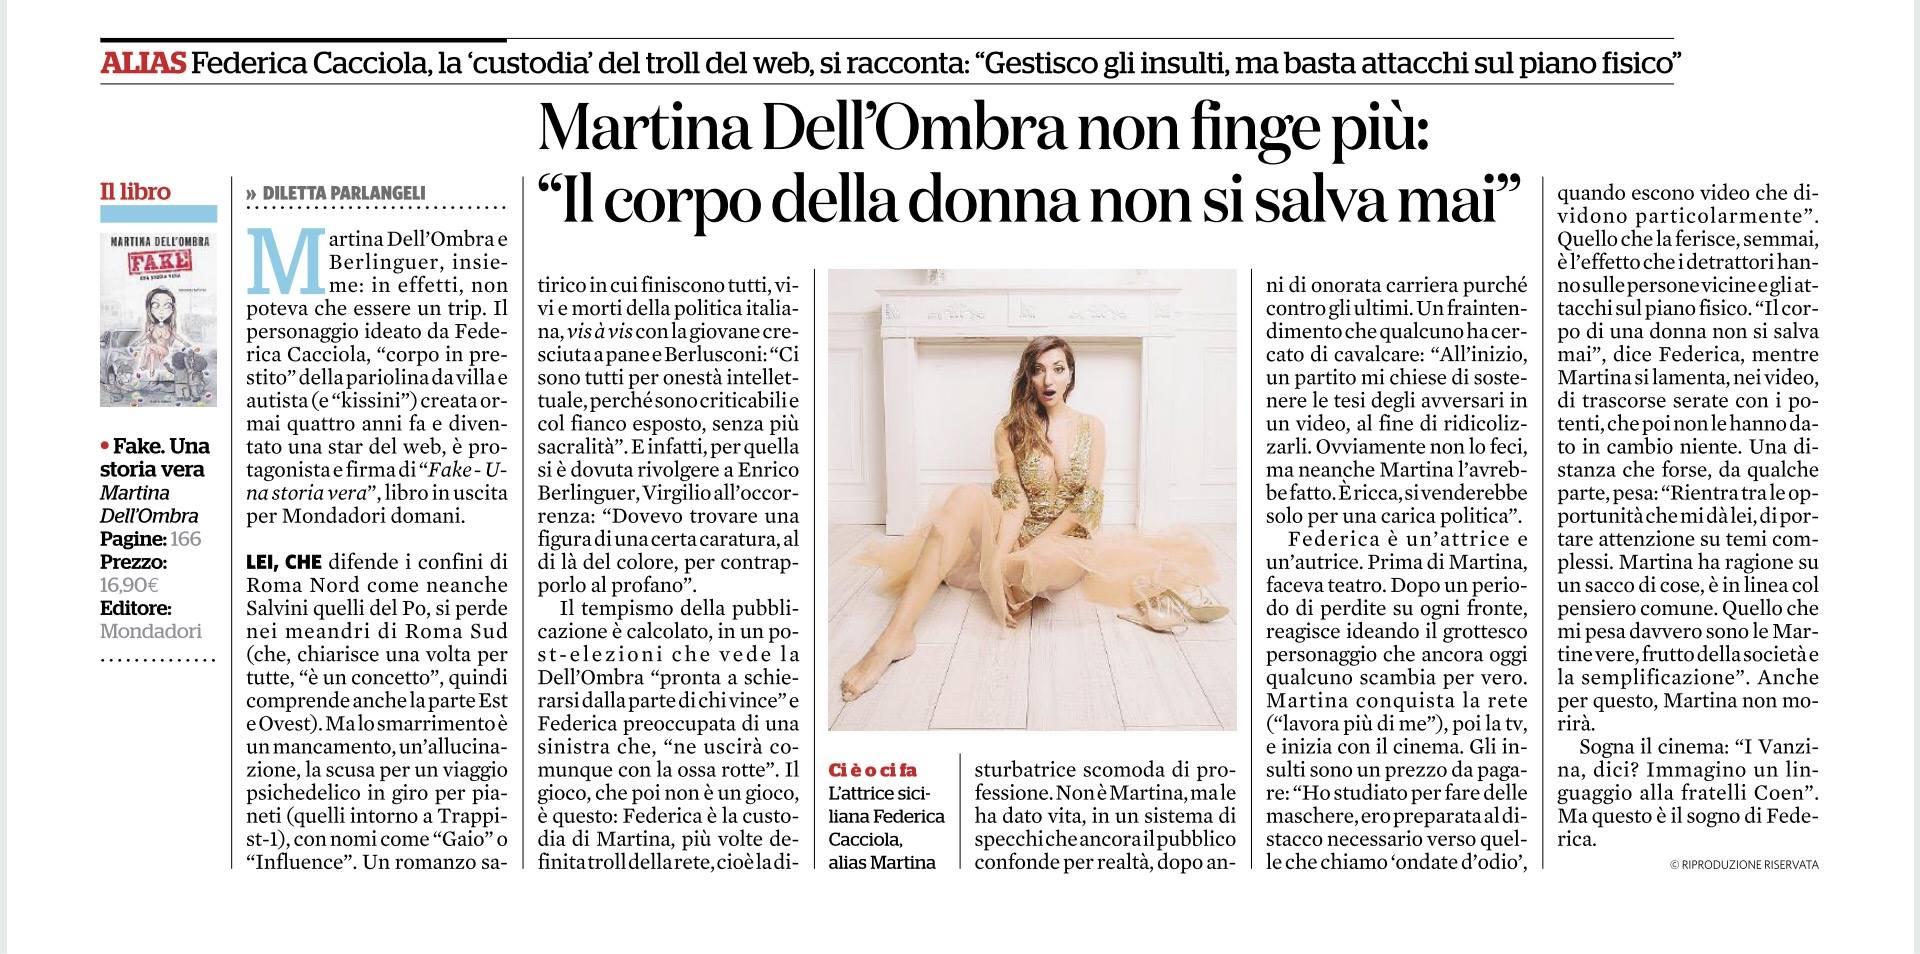 Fig. 4 Diletta Parlangeli, 'Martina Dell'Ombra non finge più', Il fatto quotidiano, 5 marzo 2018